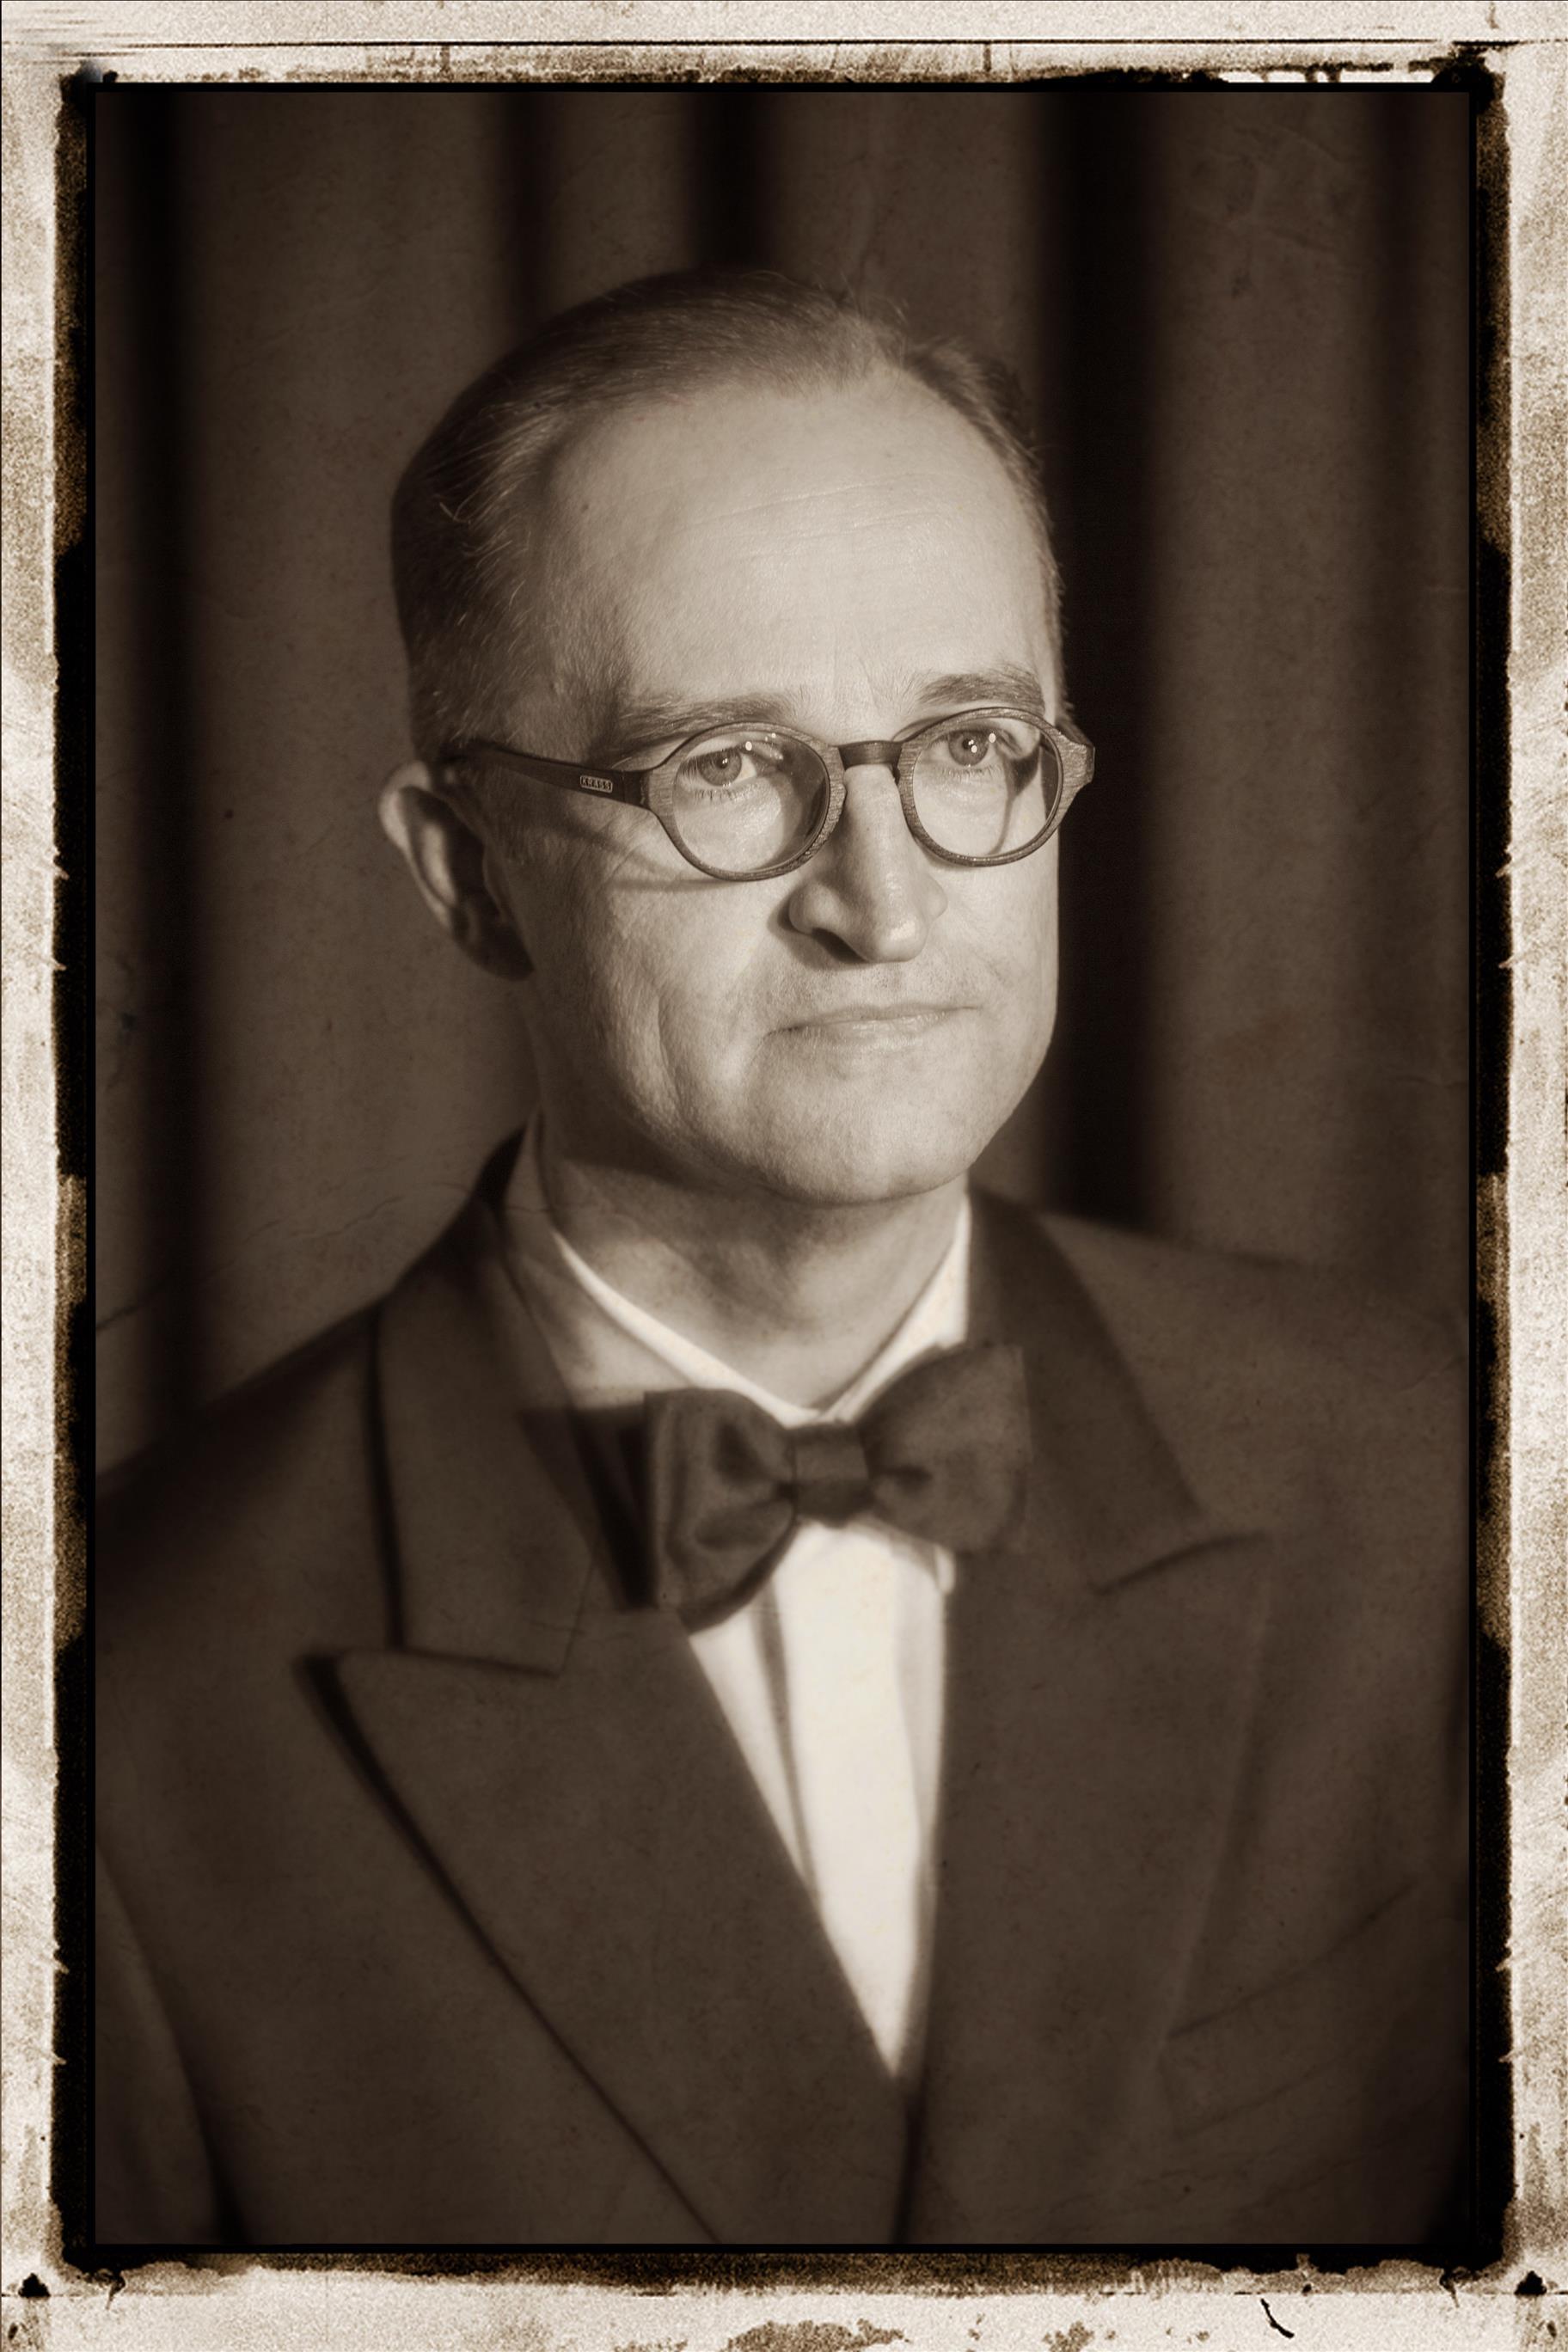 Joachim Siebert